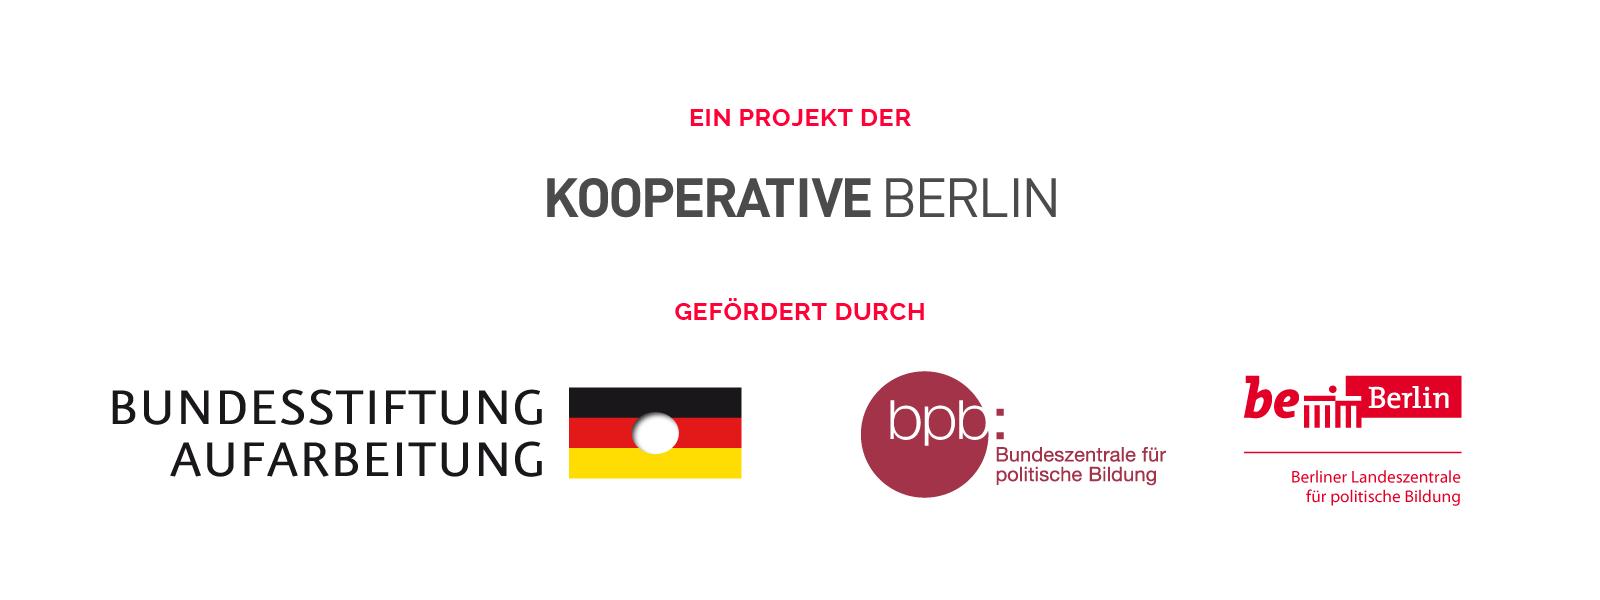 Projektmacher und Förderer 2017